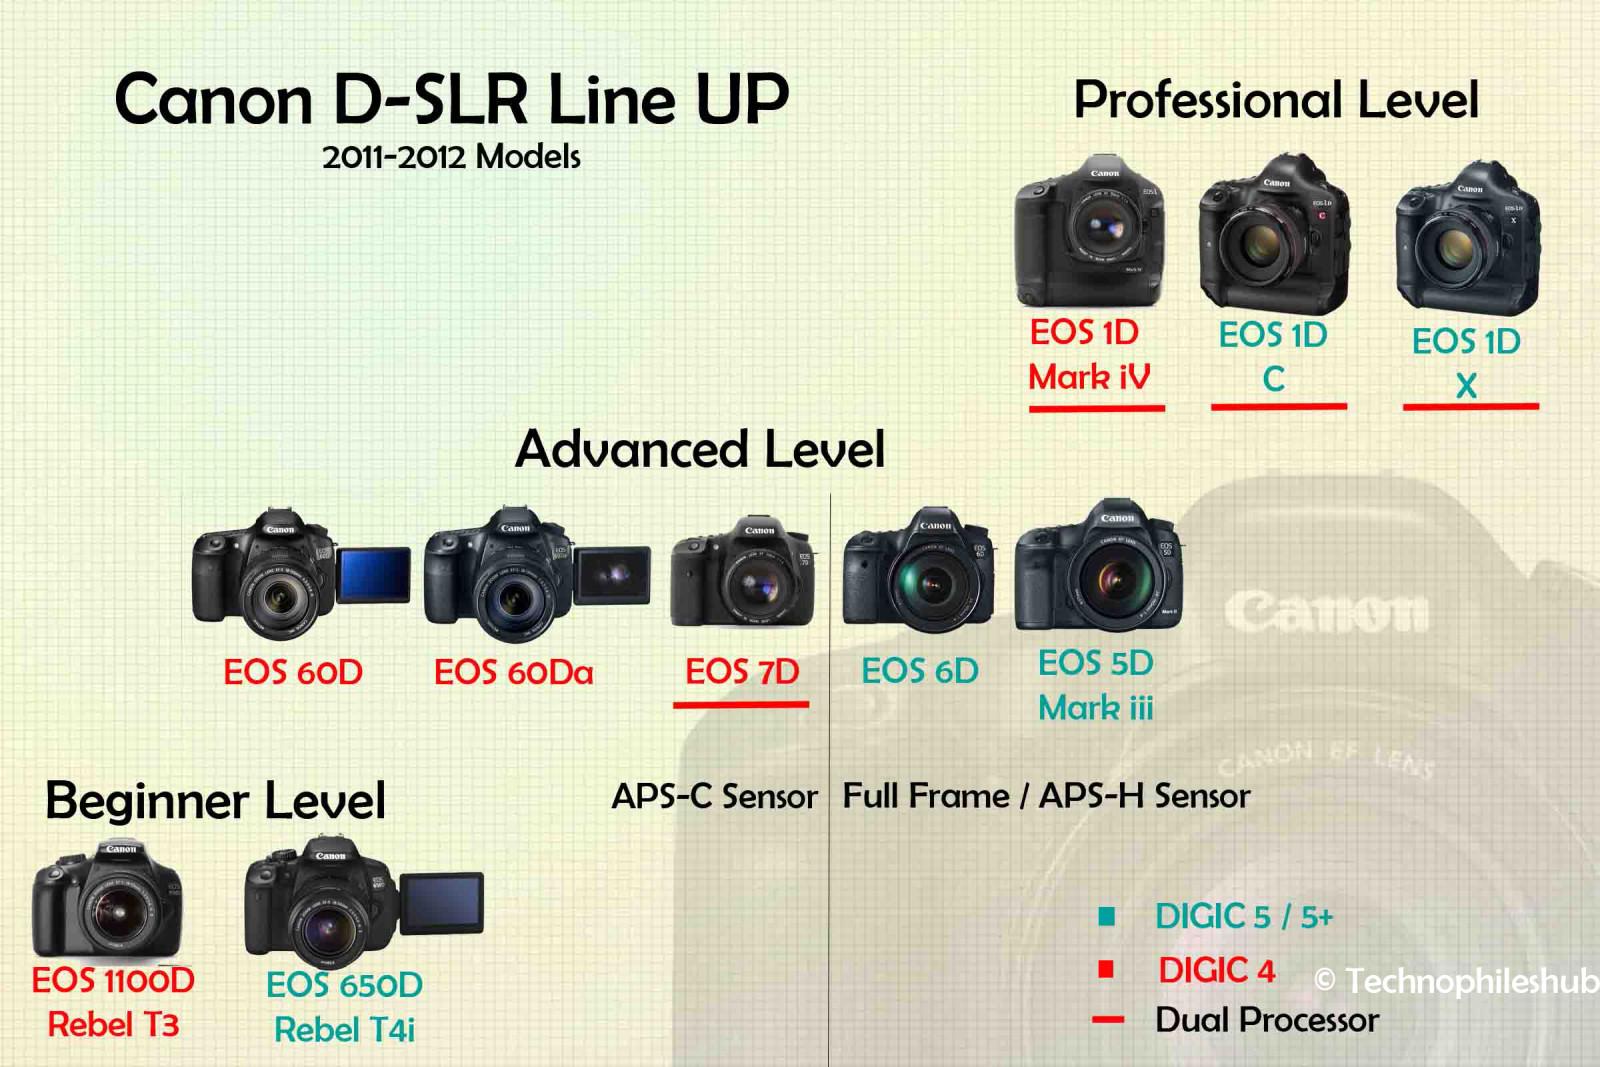 Canon DSLR Line UP